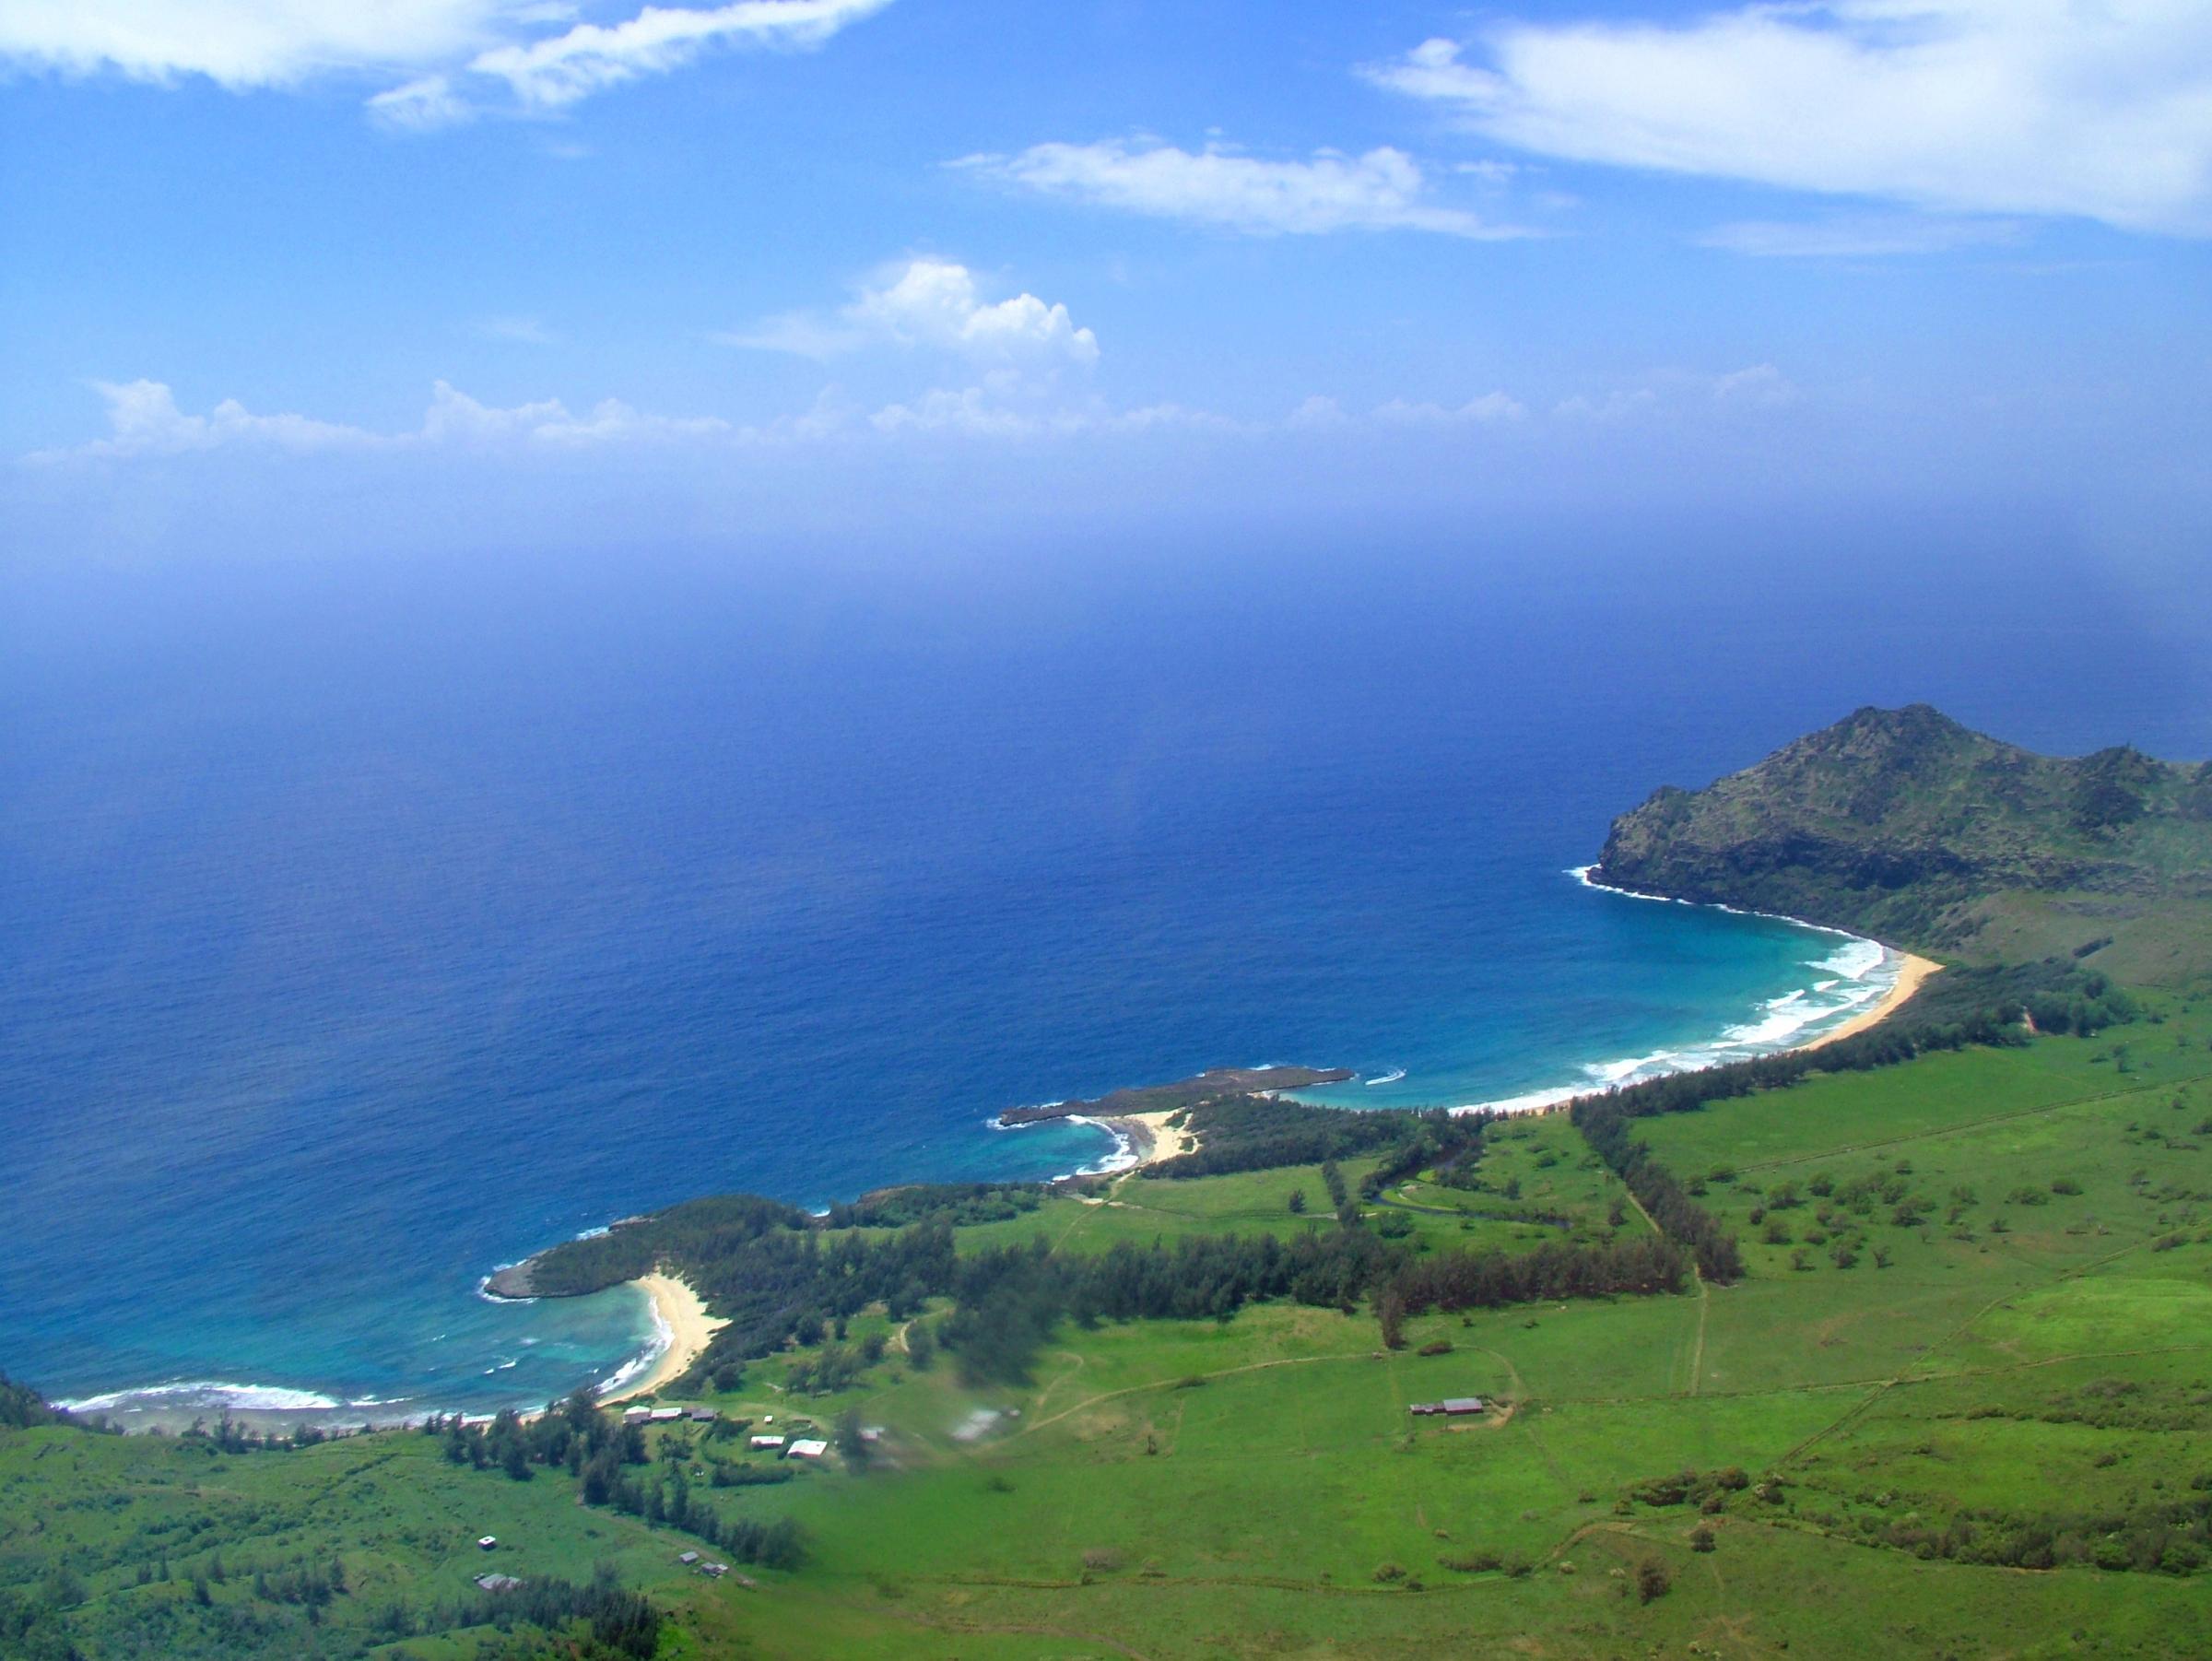 Kauai Helicopter Tours Prices